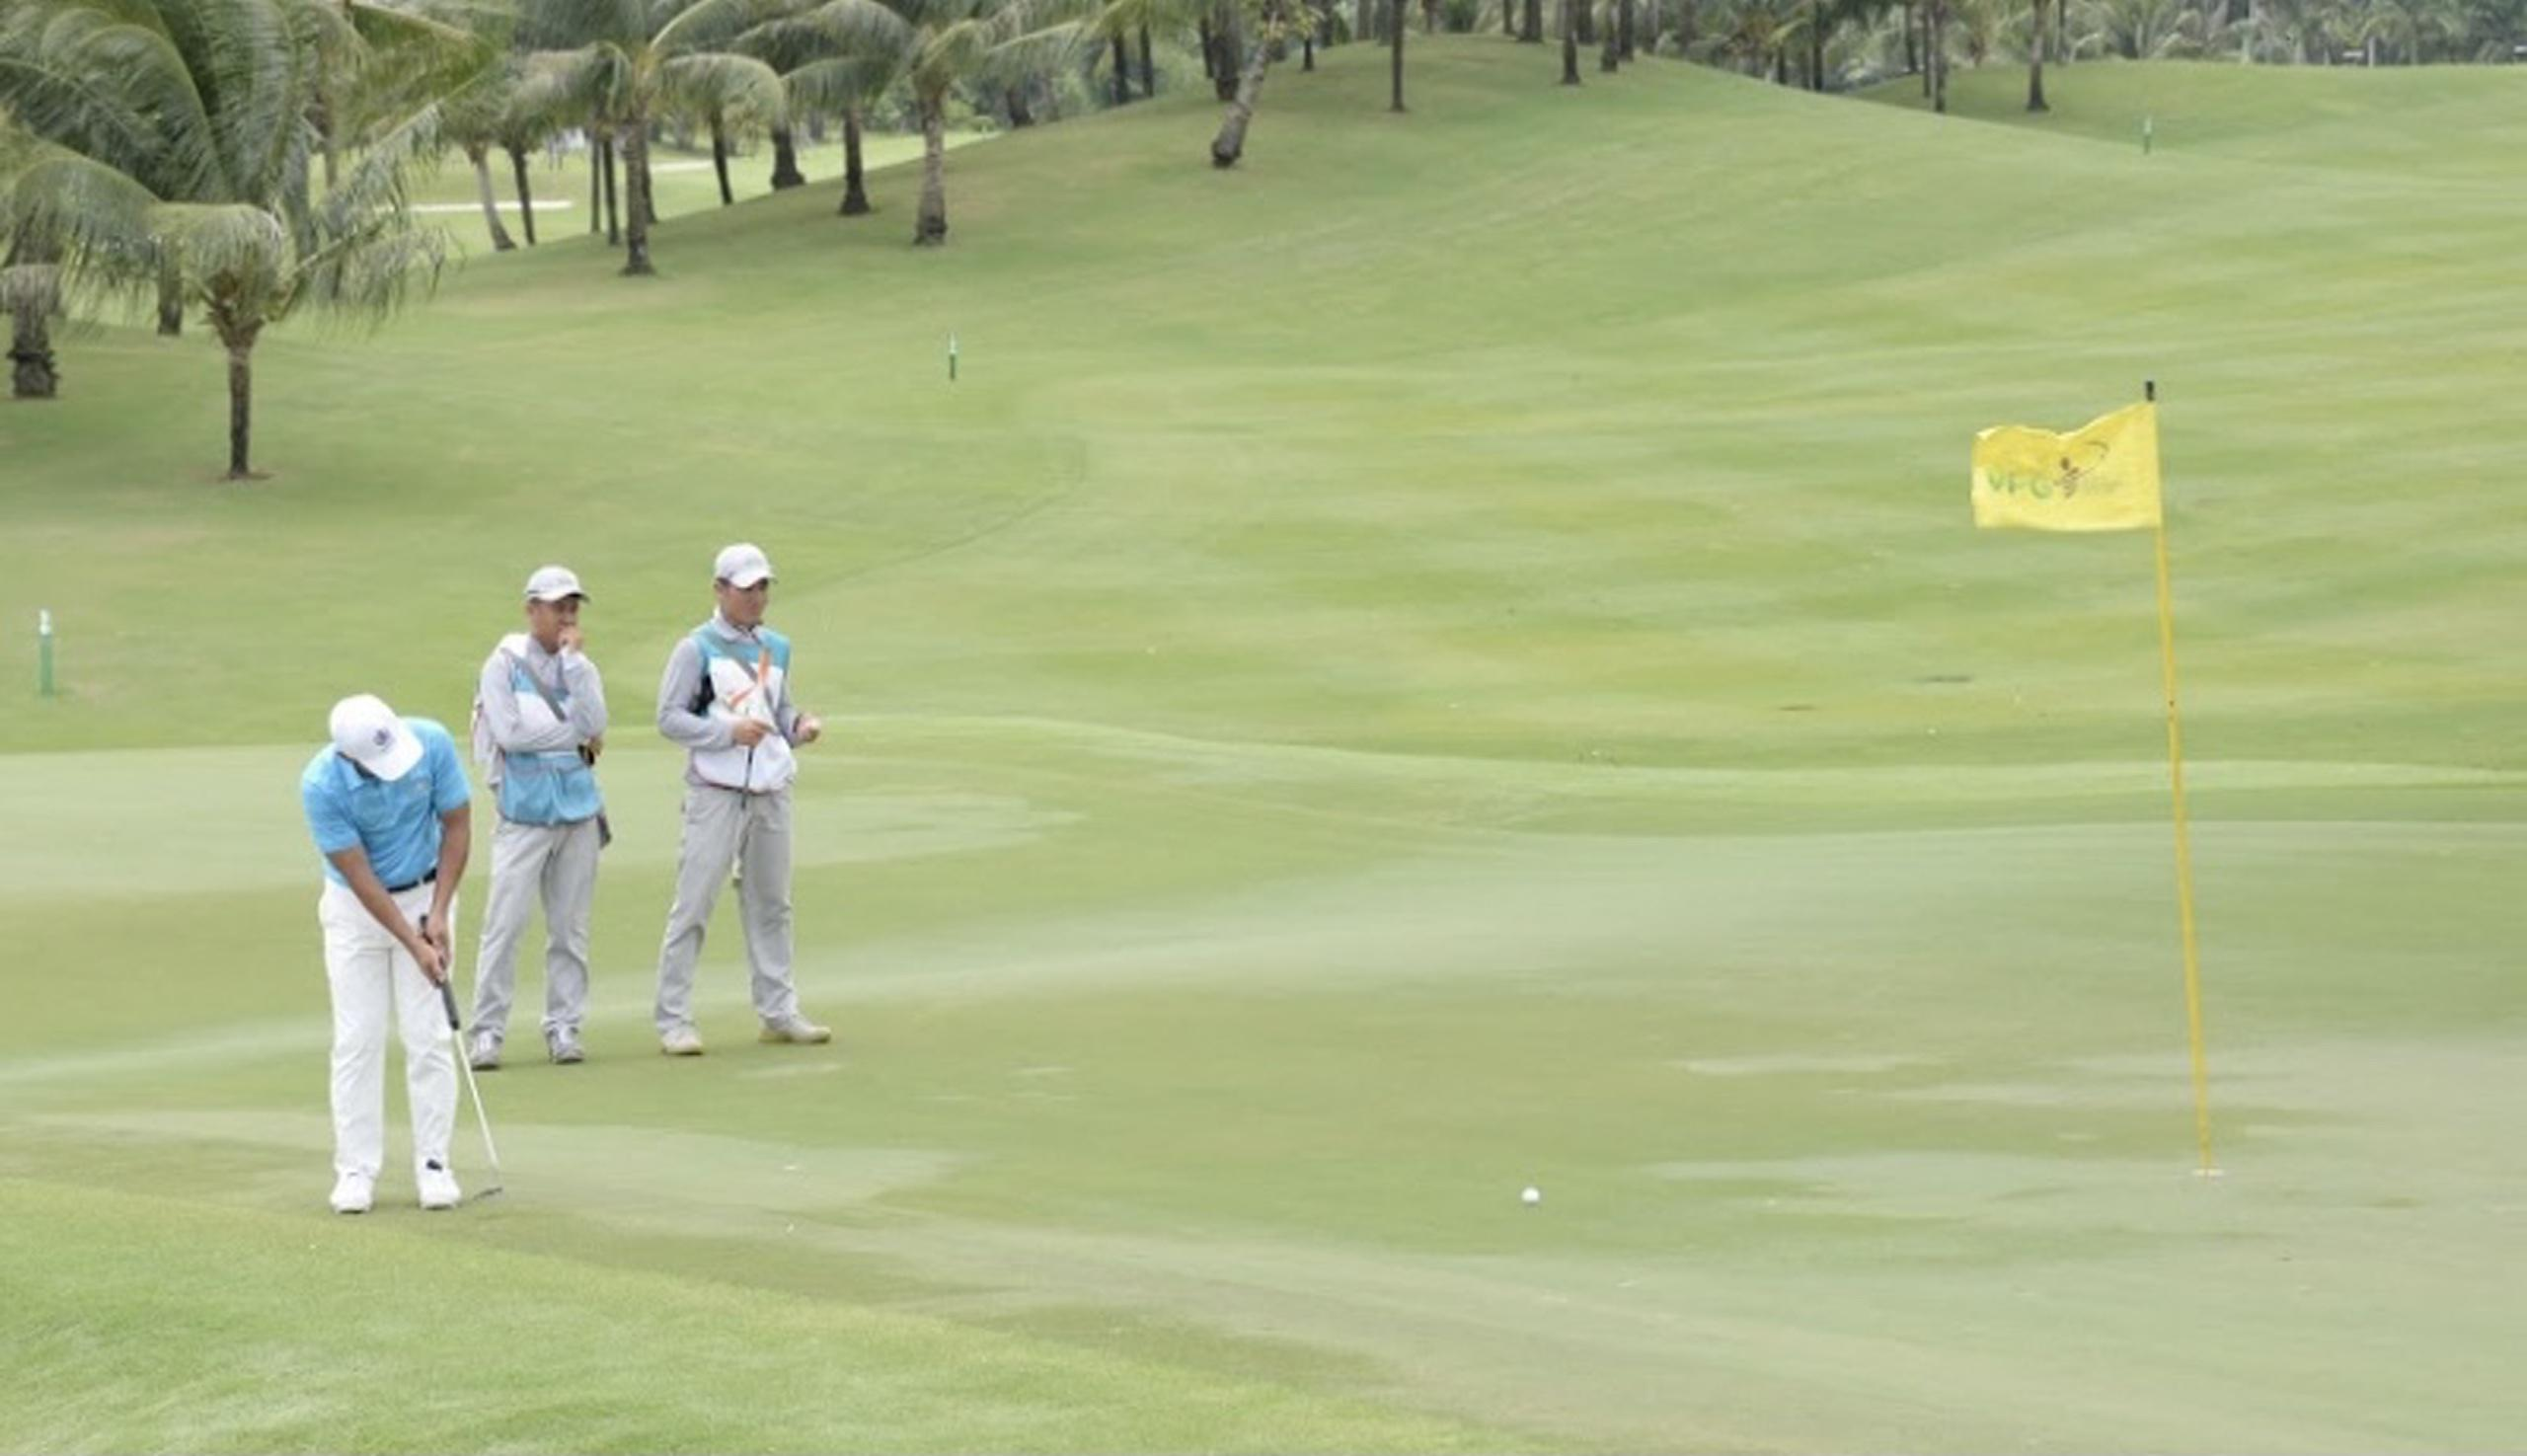 Quy định về đặt gậy chỉnh line trong luật golf